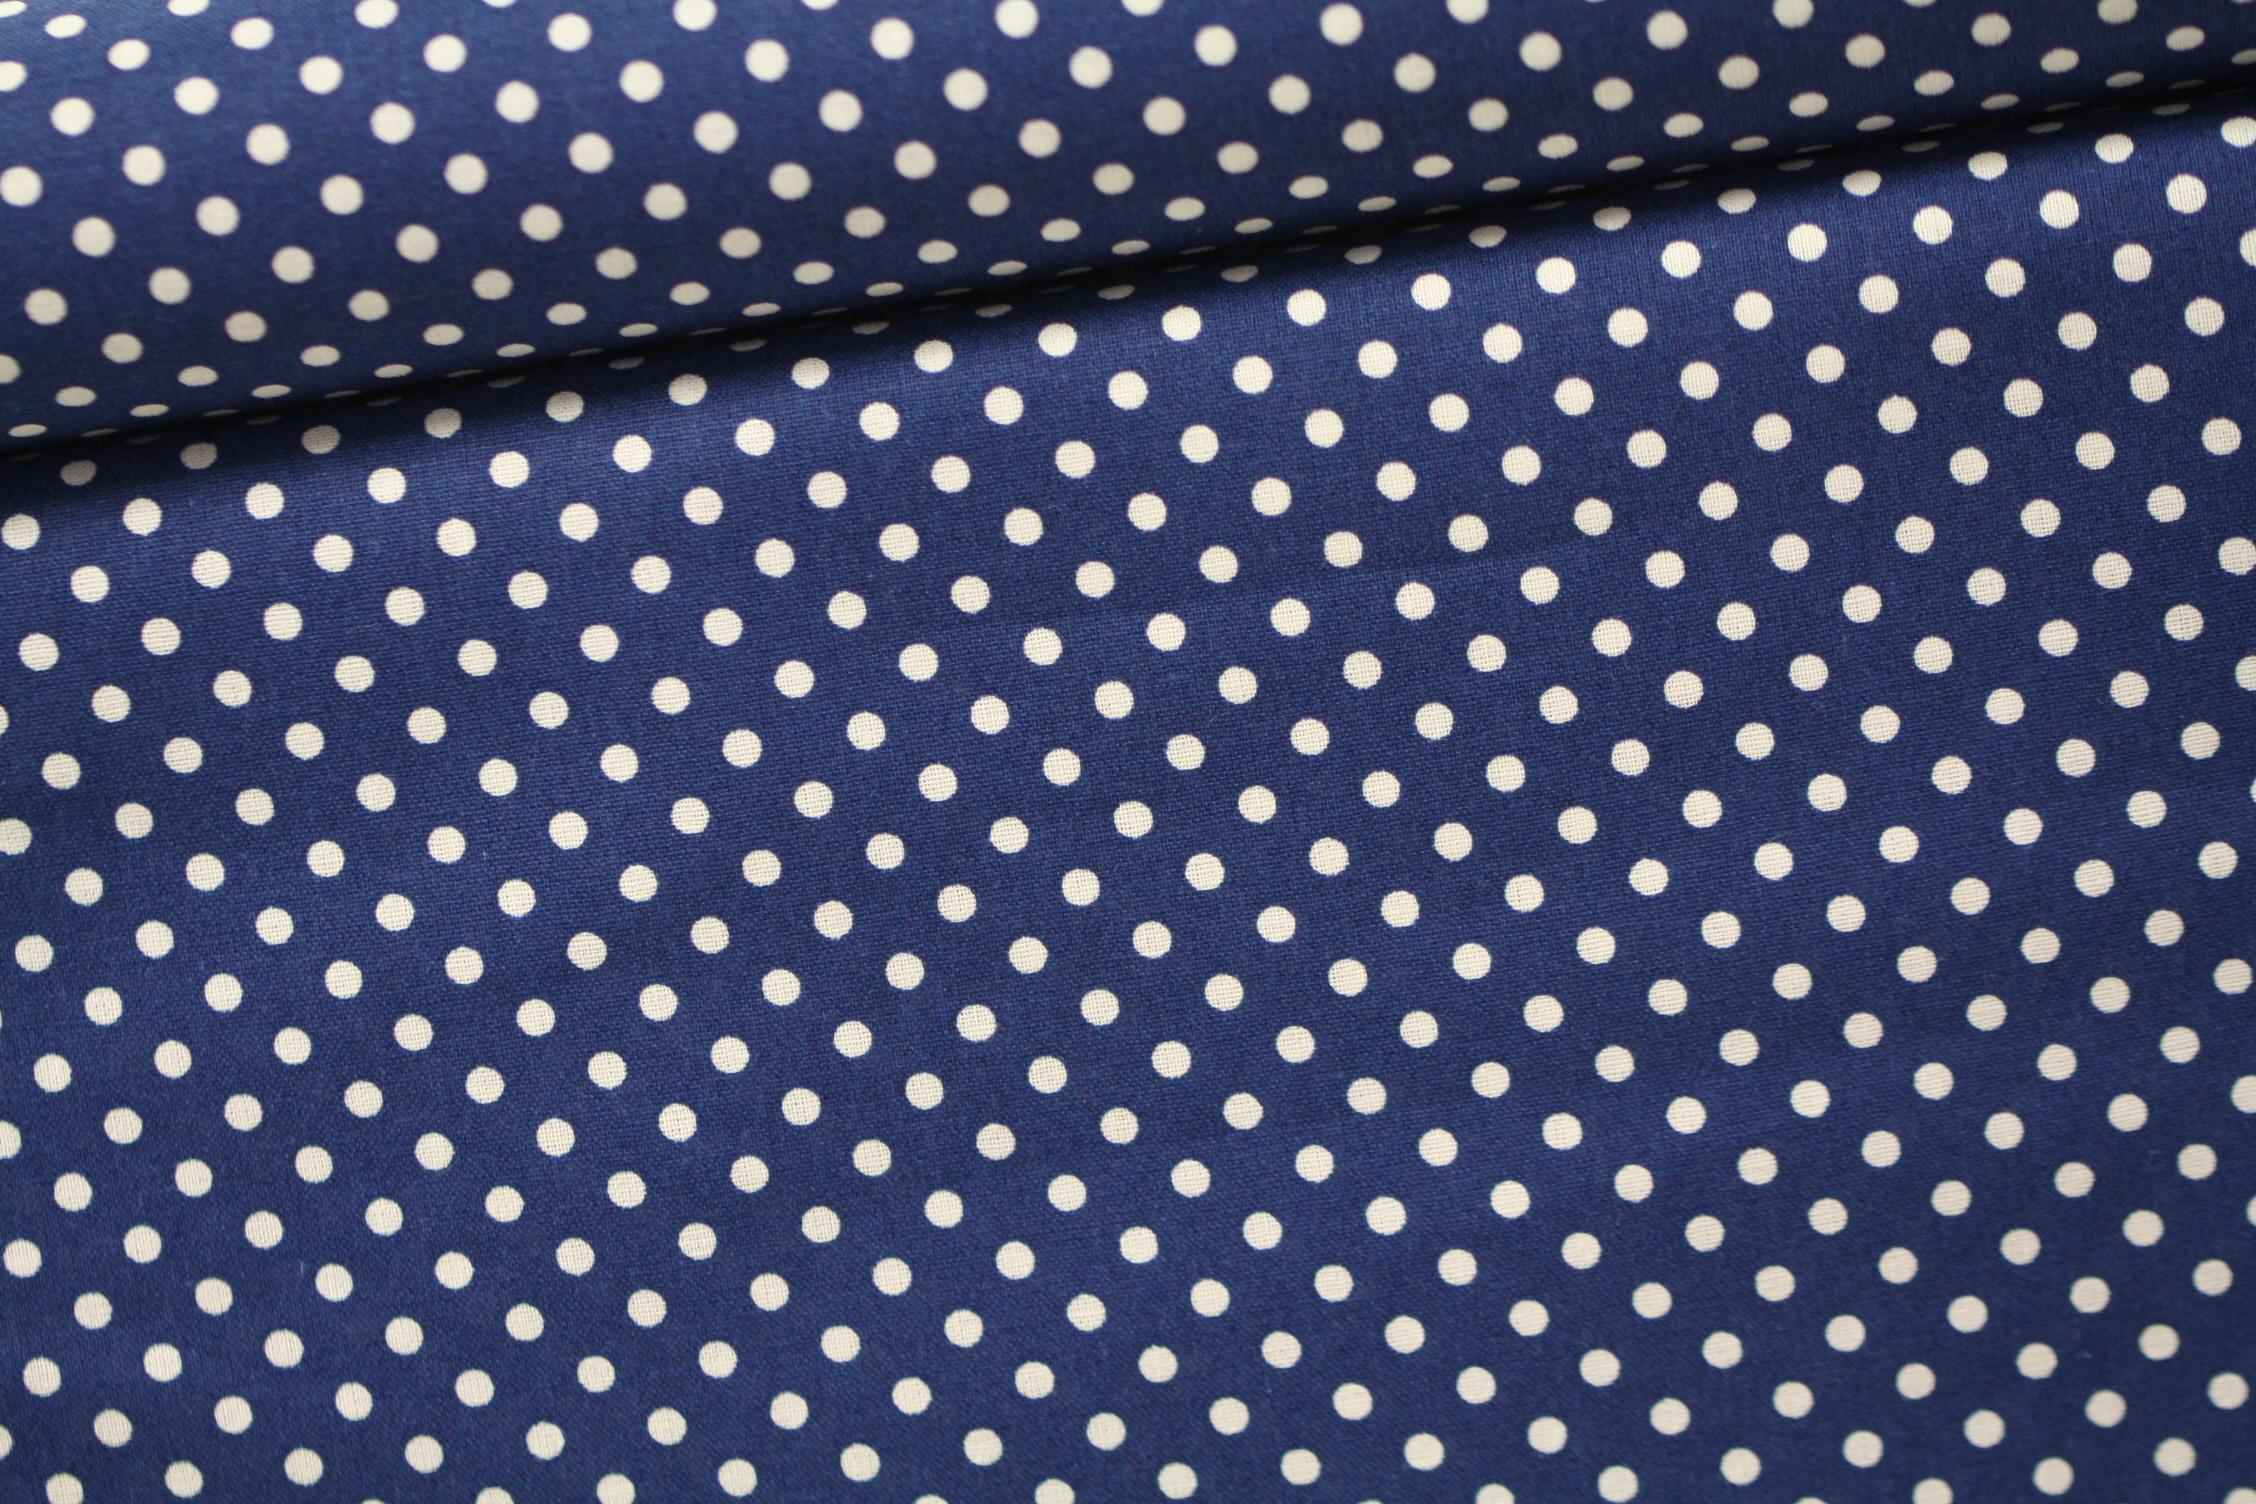 Judith Baumwolle Webware Swafing dunkel blau weiße Punkte 2mm 25cm x 148cm